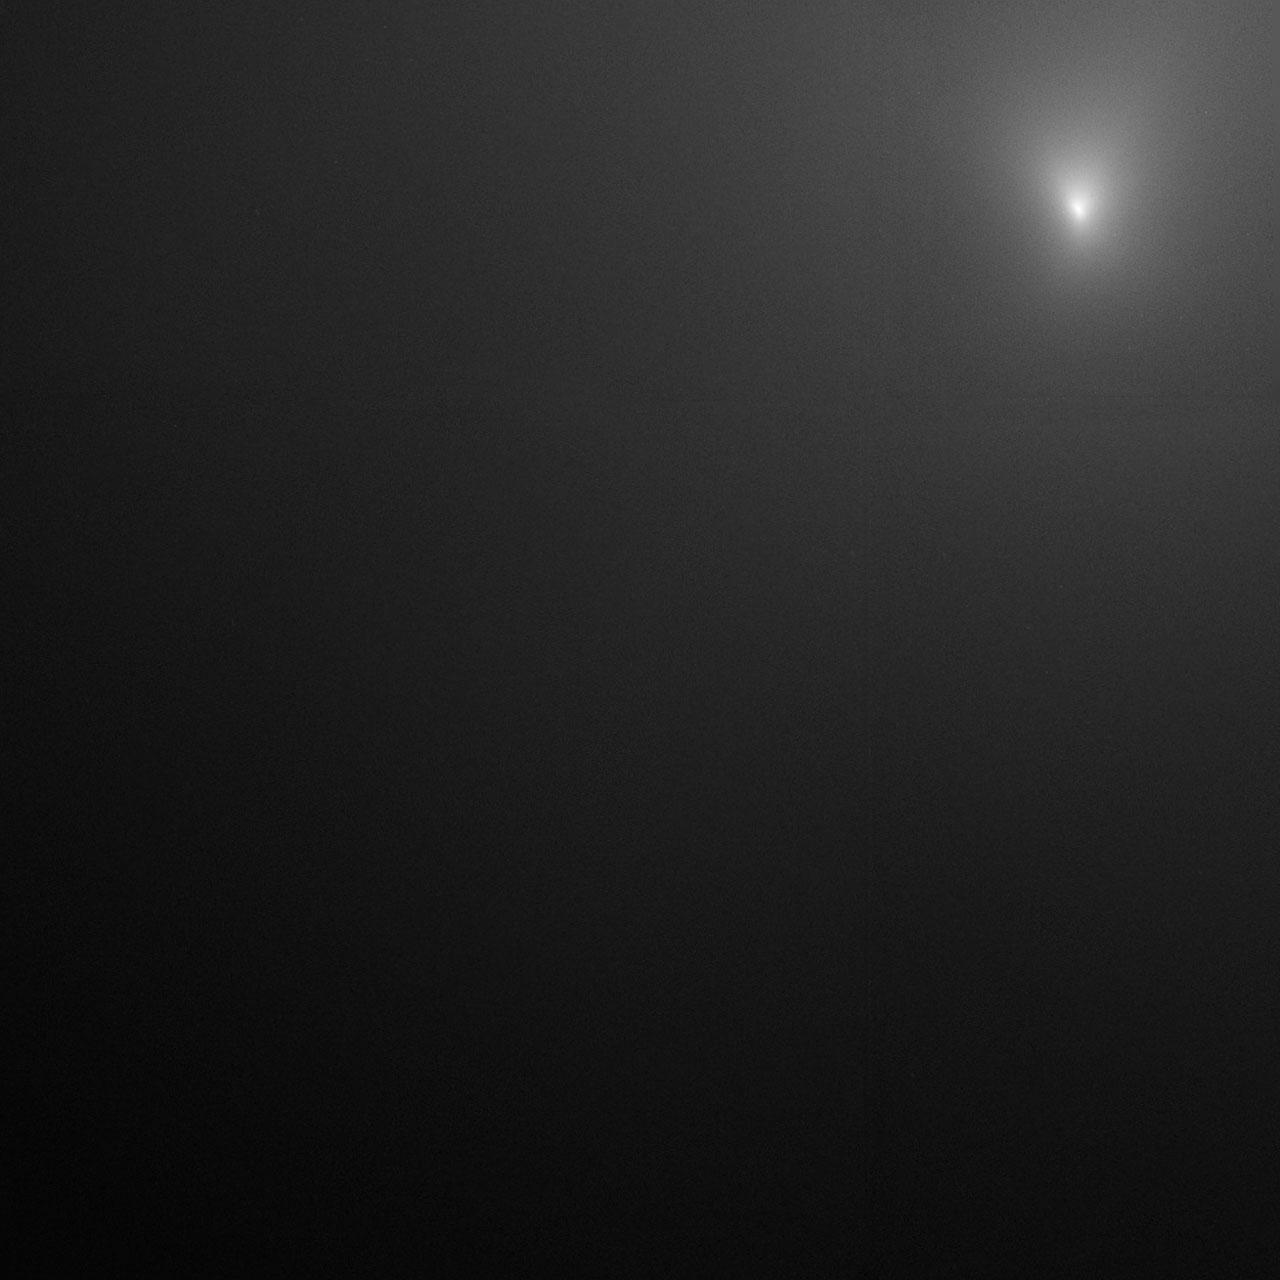 Comet 17P/Holmes Hubble image 3